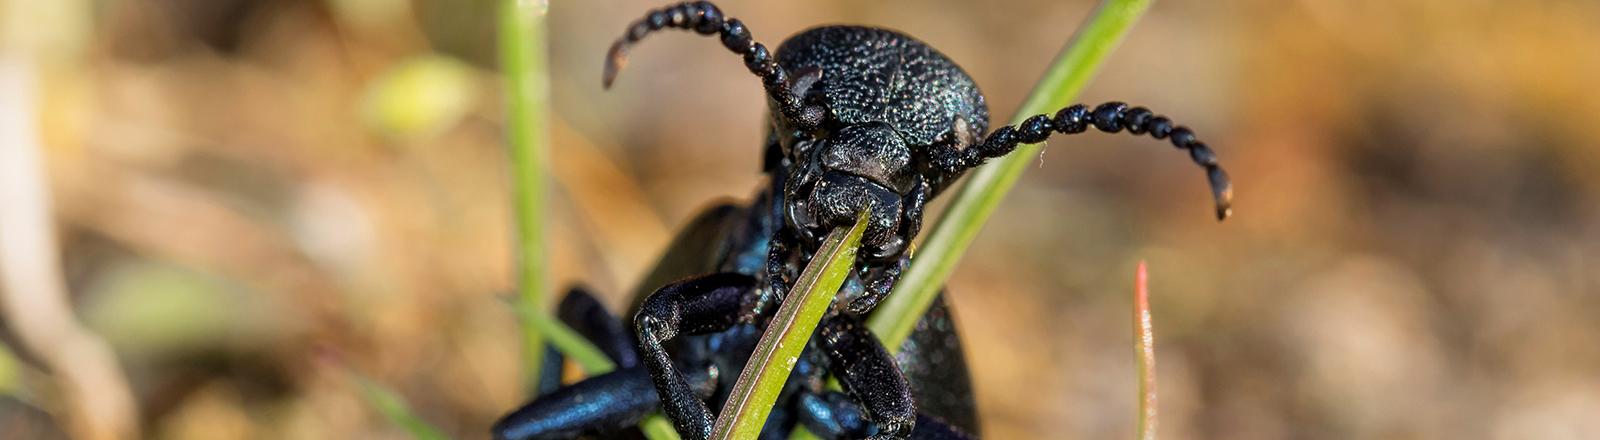 Grasfresser: Der schwarzblaue Ölkäfer oder Meloe proscarabaeus bei der Nahrungsaufnahme